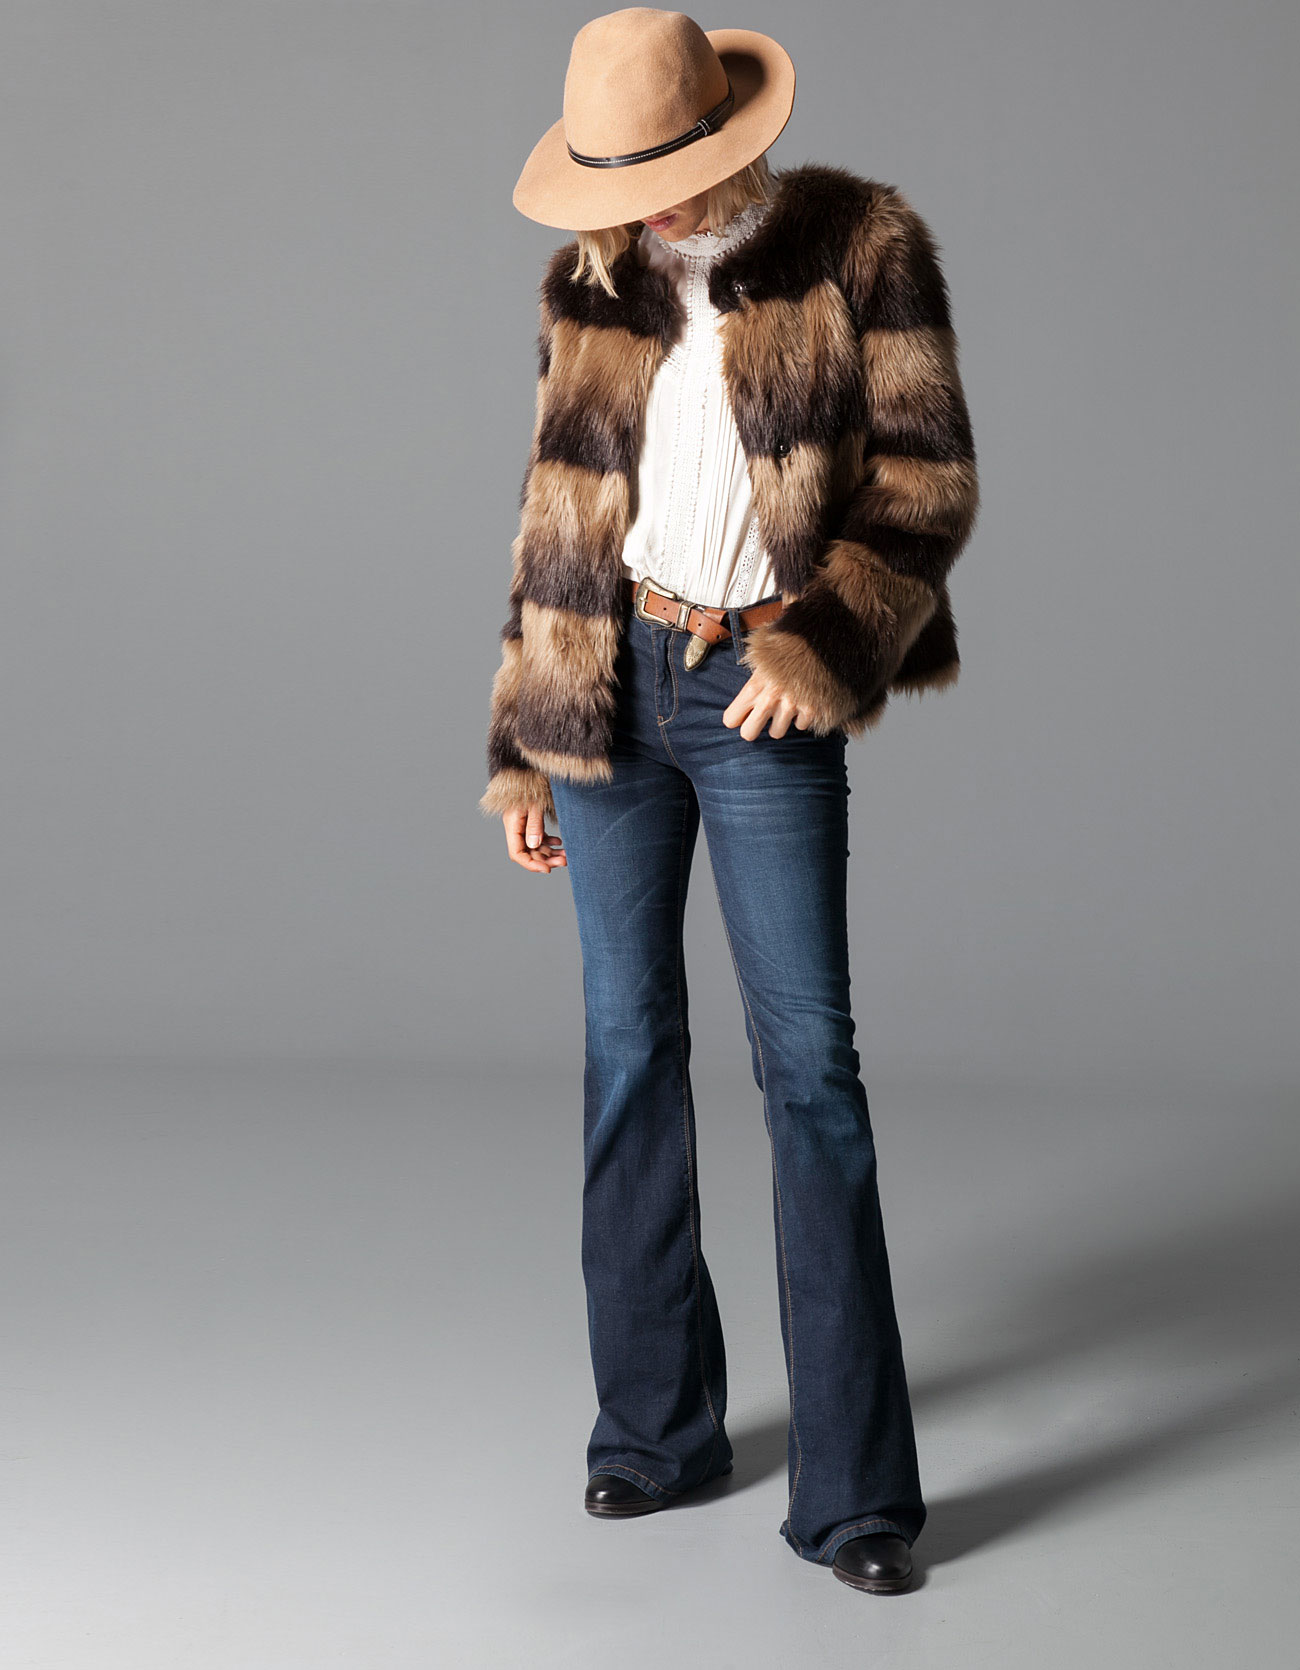 Comment Porter La Fausse Fourrure How To Wear The Fur Coat My Blog